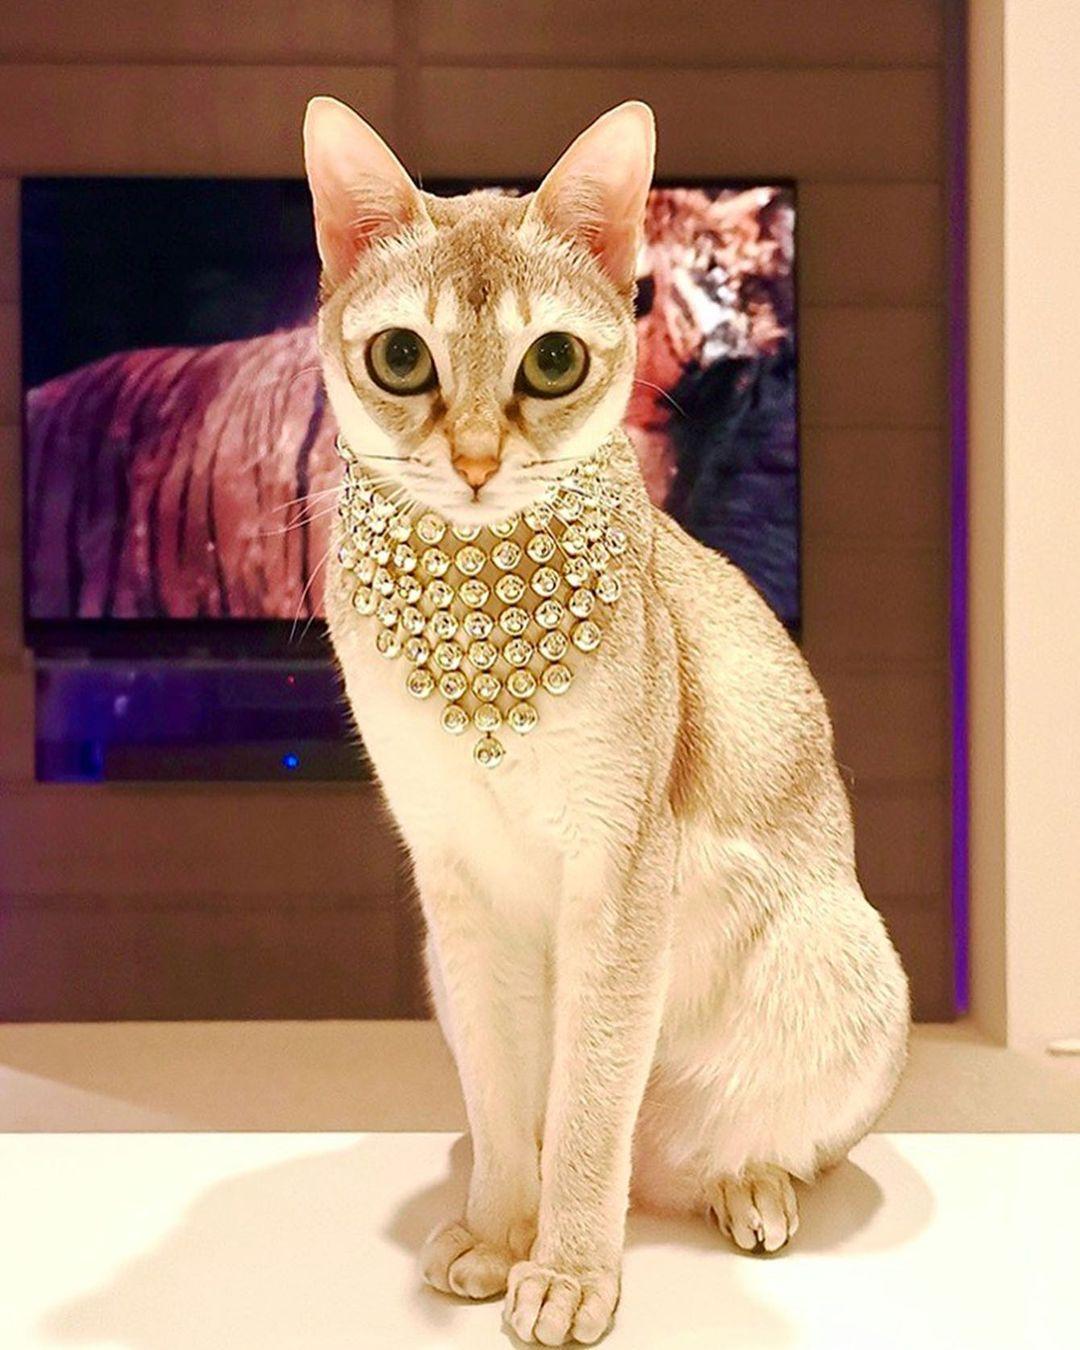 エジプト風のコーディネートをした猫